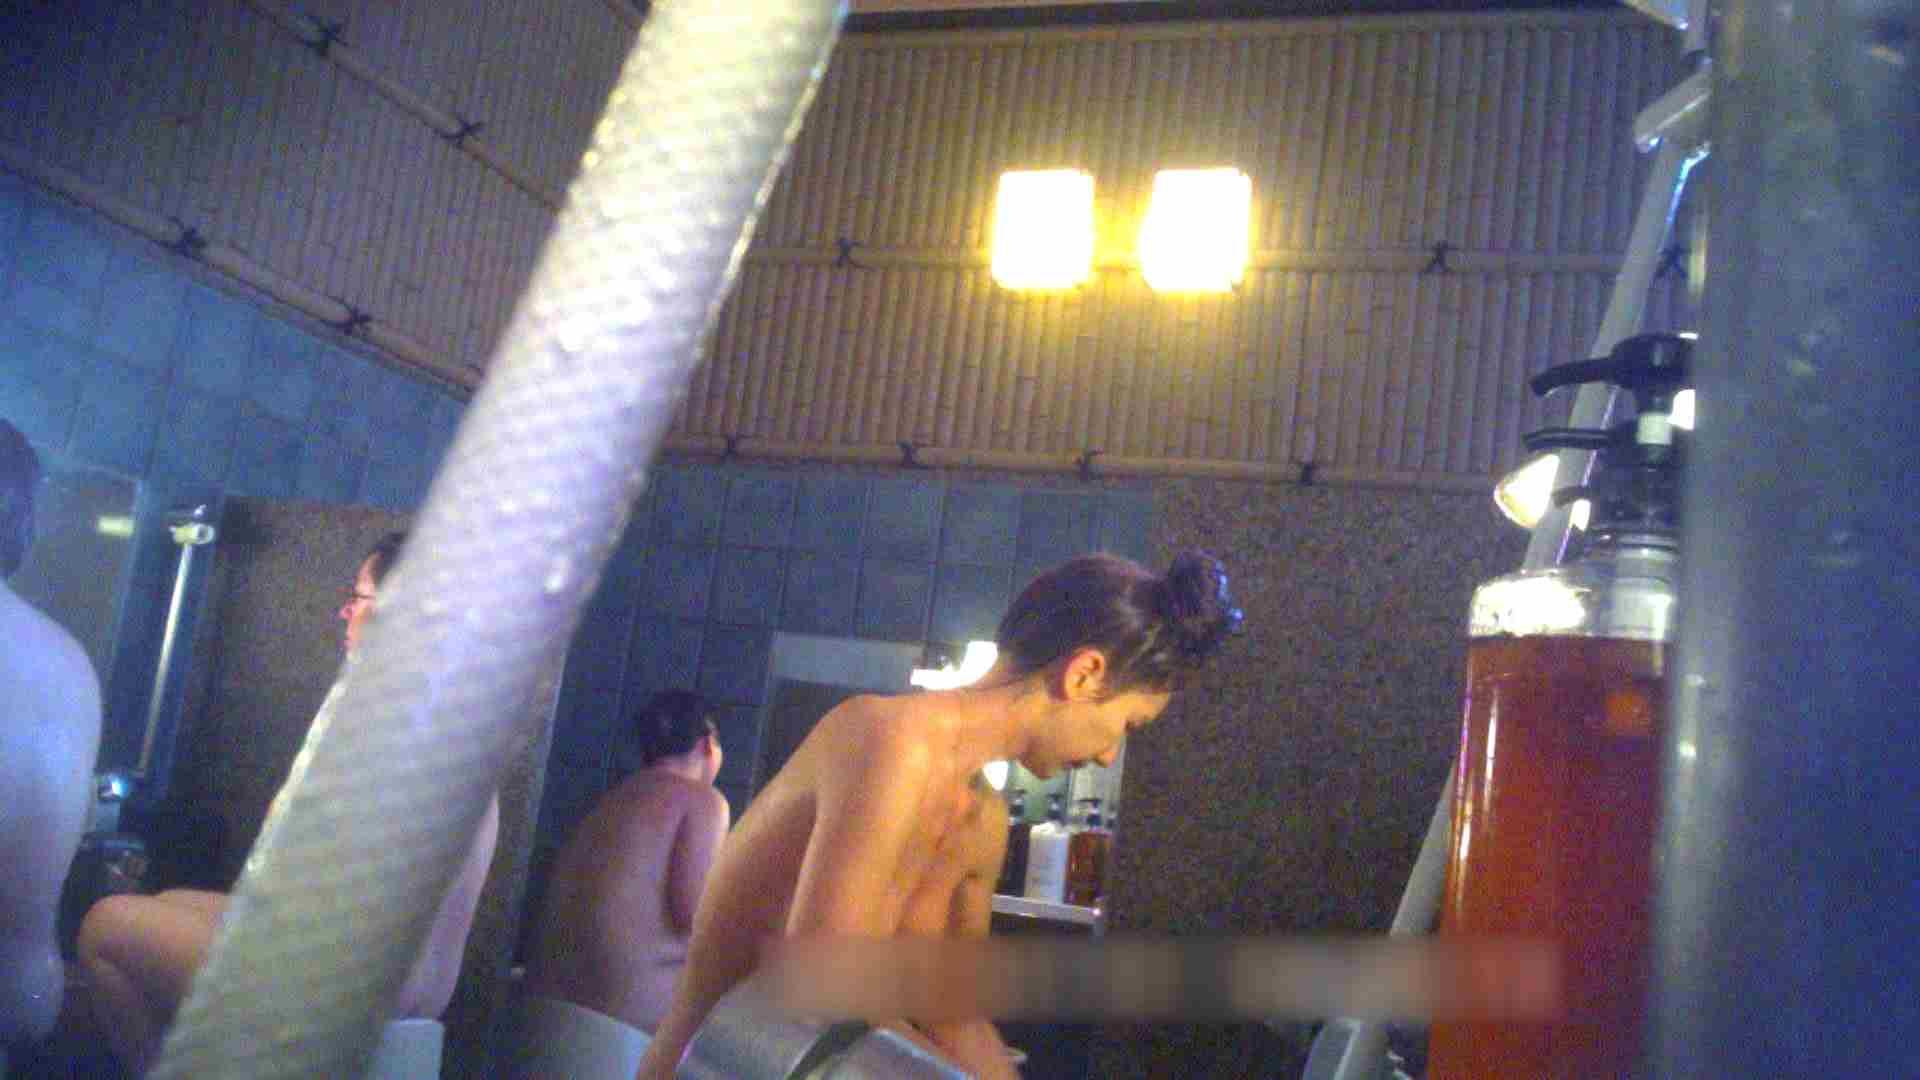 ヤリマンのオマンコ:TG.15 【上等兵】高級旅館の爆乳女将で有名っぽい:怪盗ジョーカー